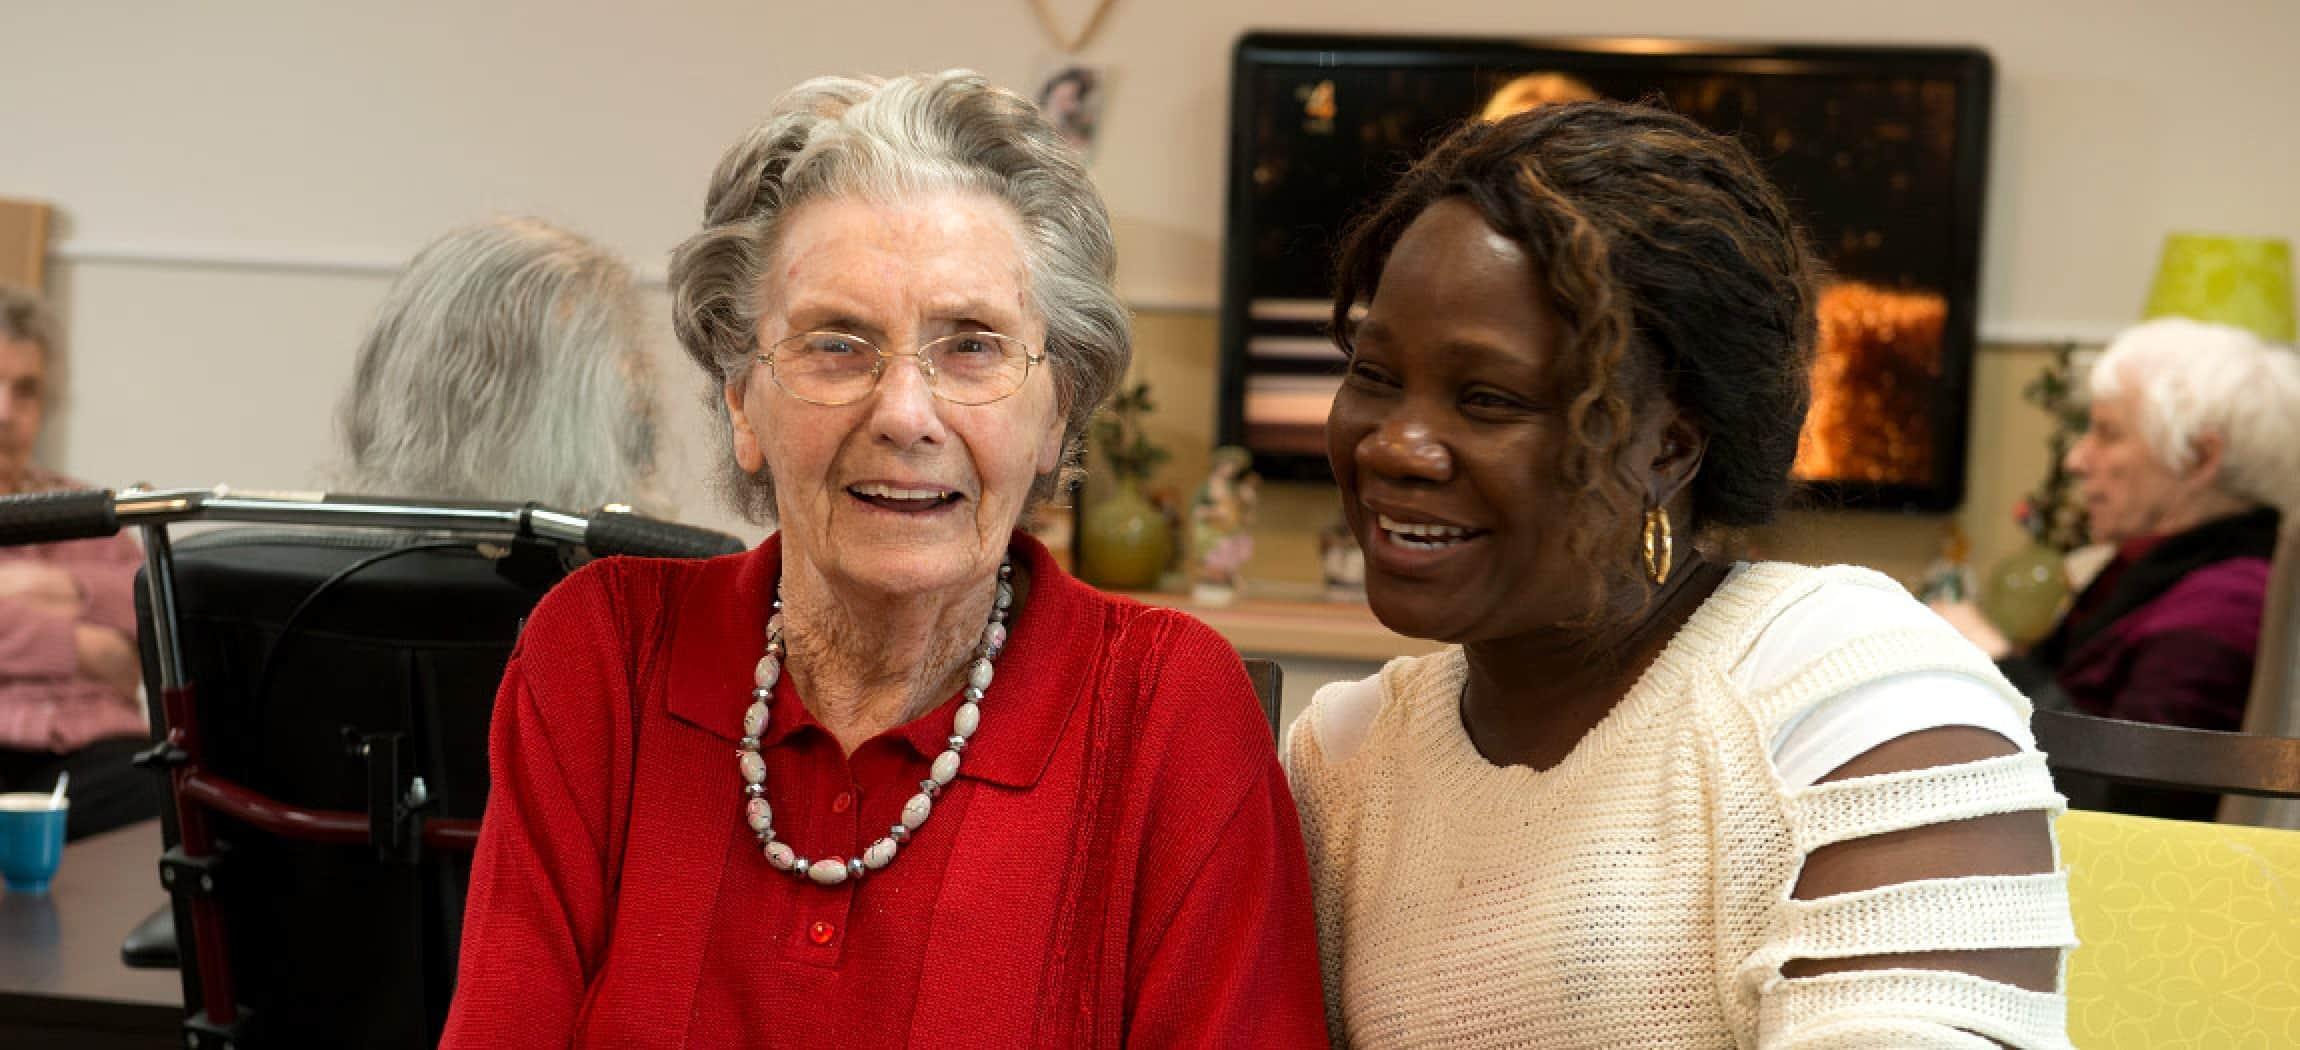 Oudere vrouw met rode trui in verzorgingshuis